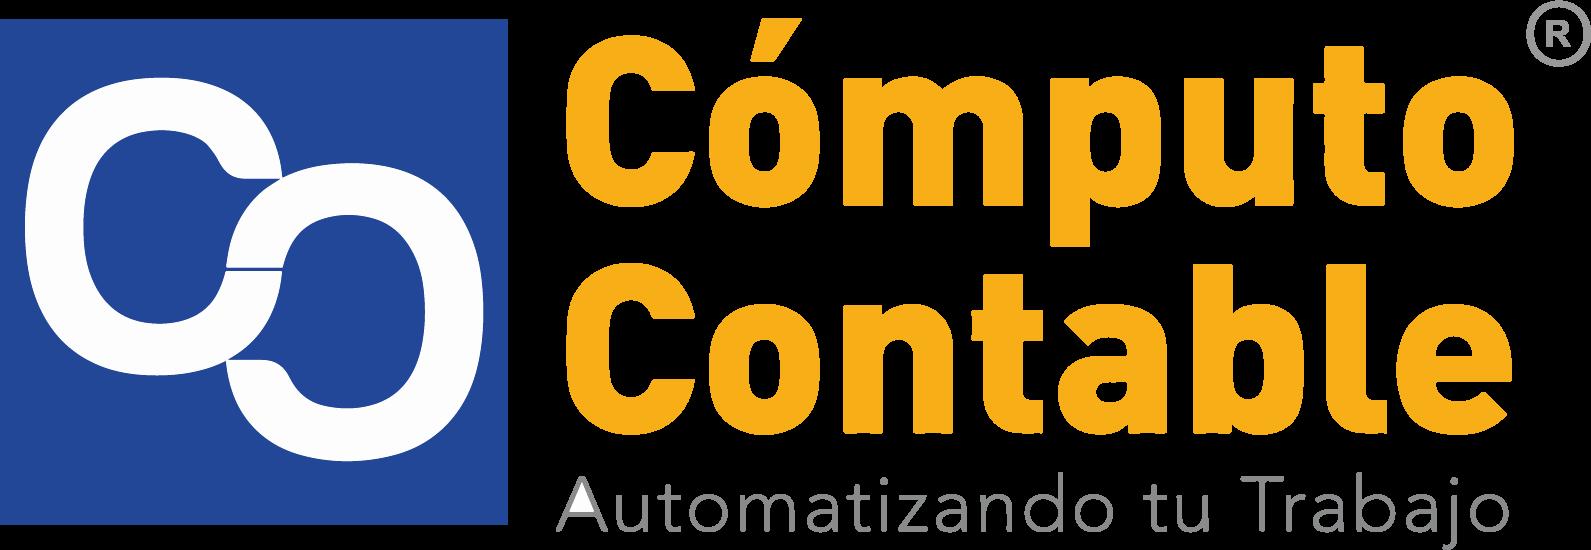 ComputoContable